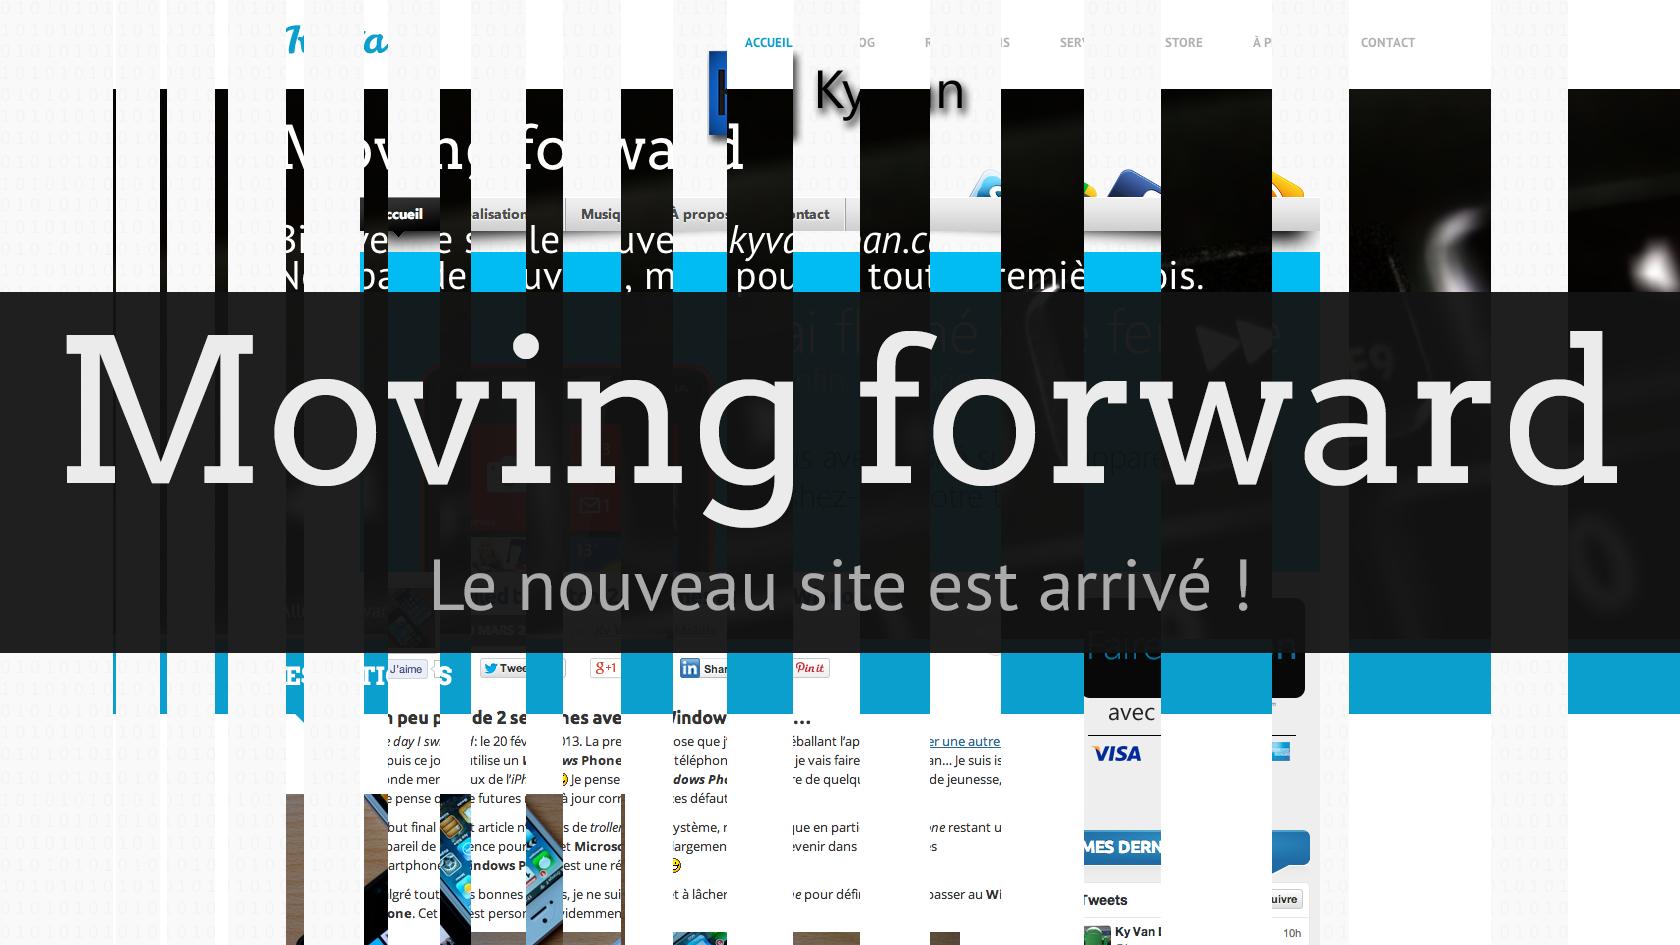 Moving forward : mon nouveau site est arrivé !-0